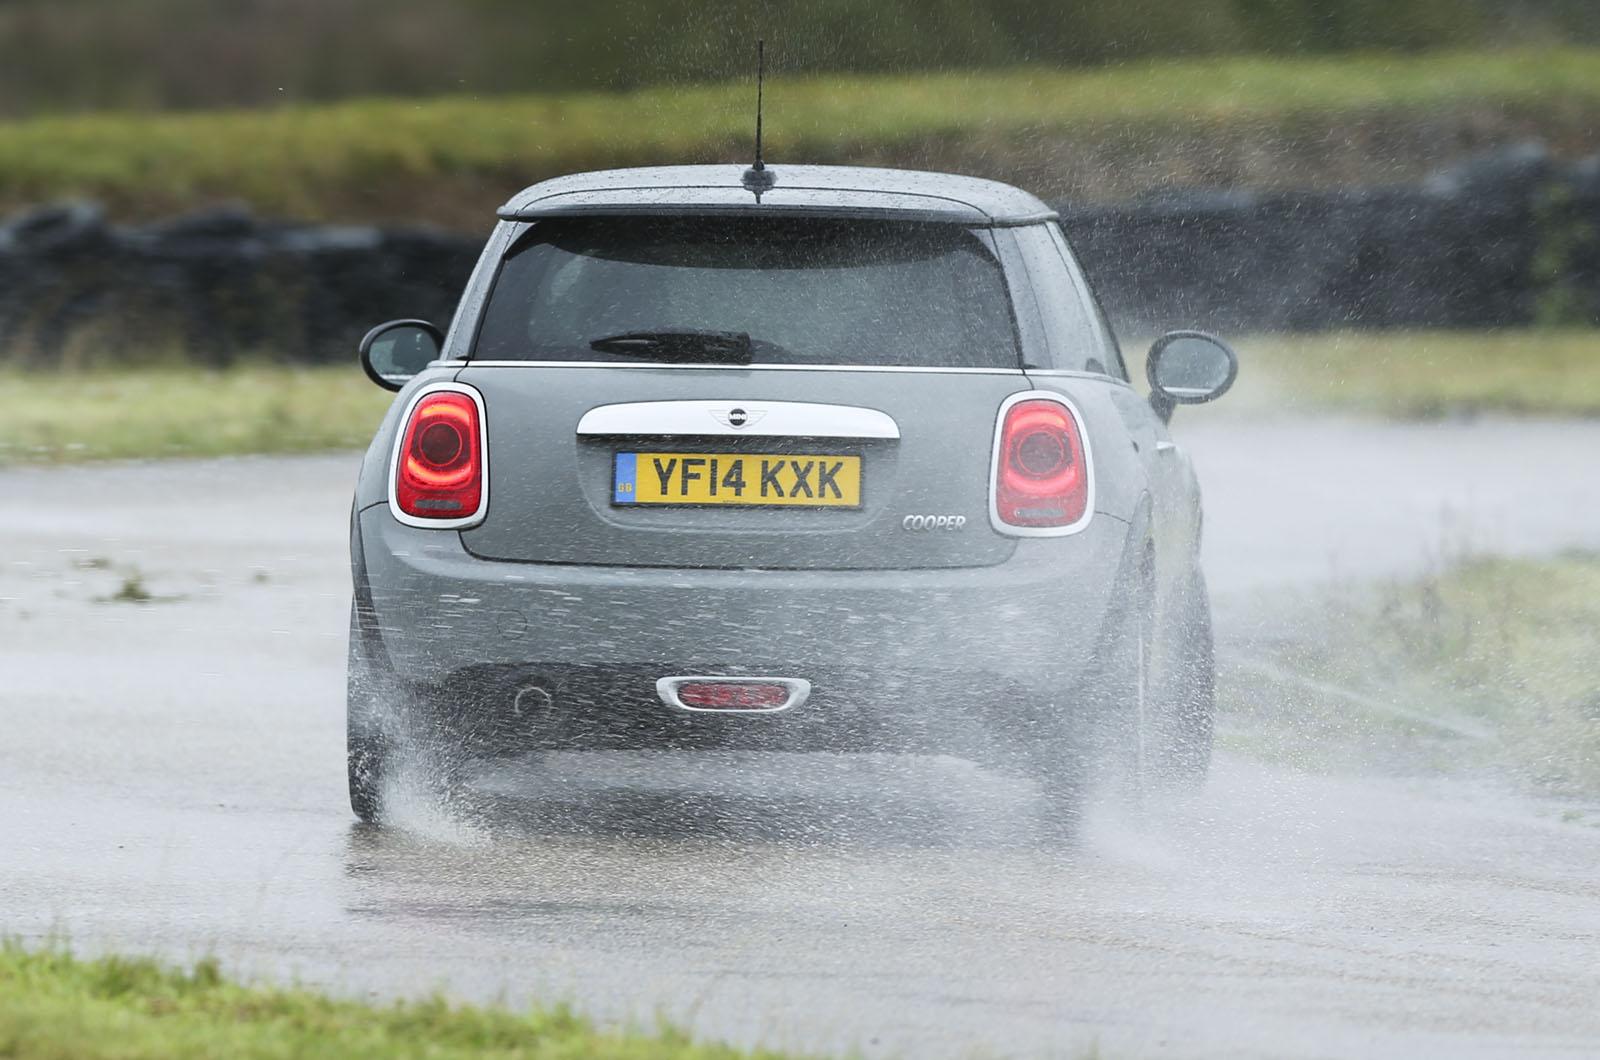 Car wetting